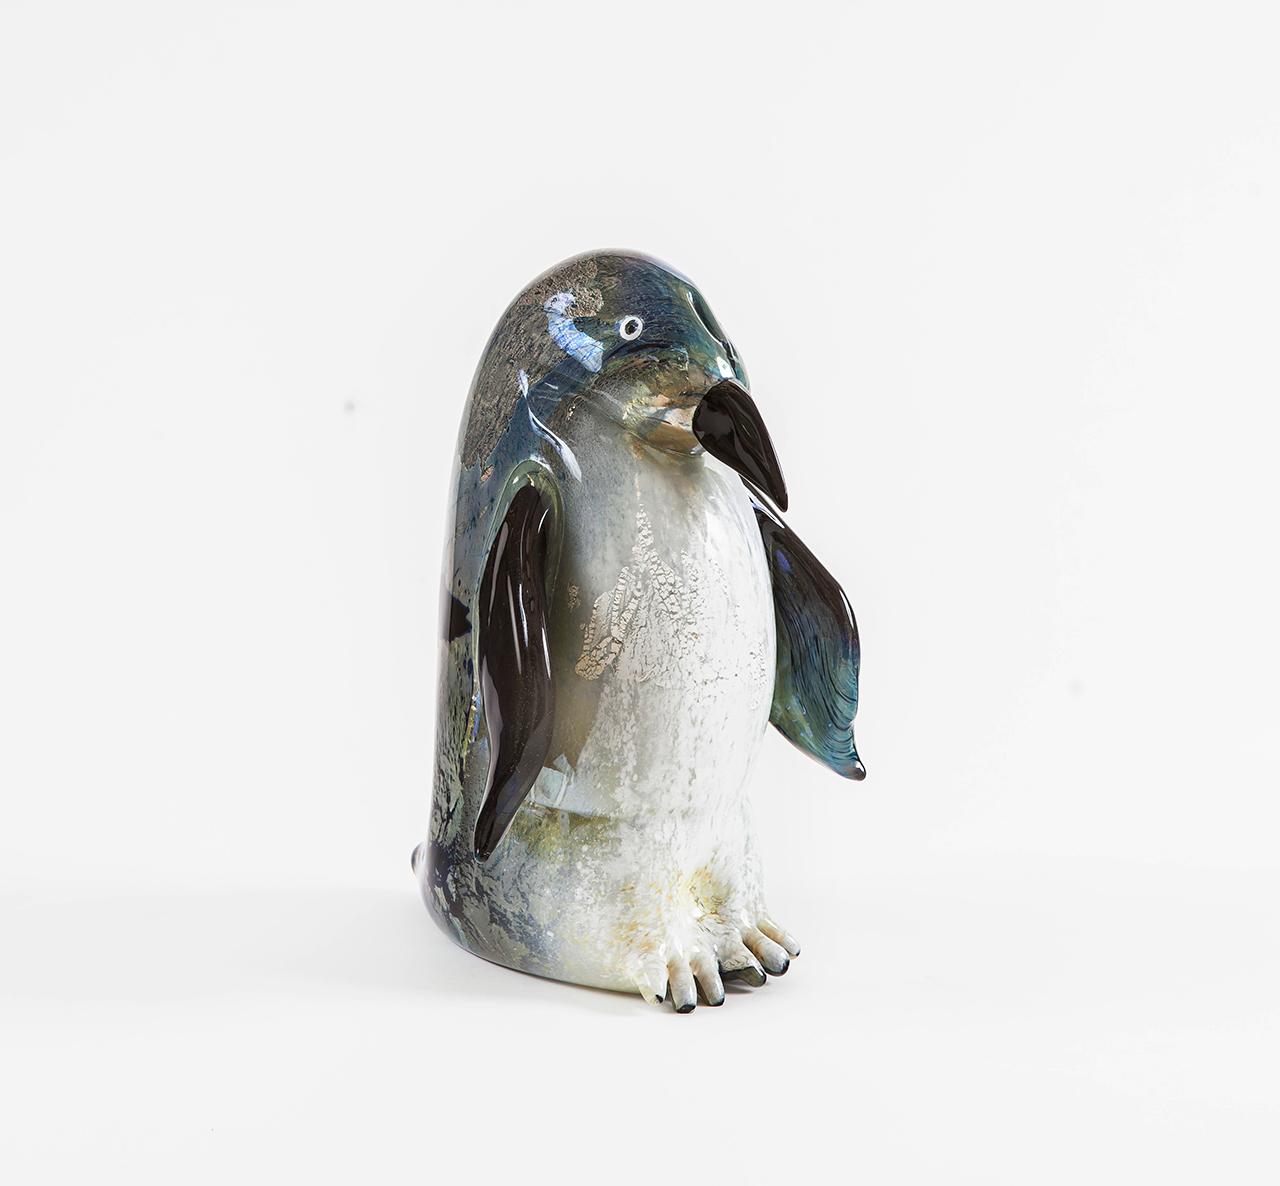 pinguino-vetro-murano-schiavon-4